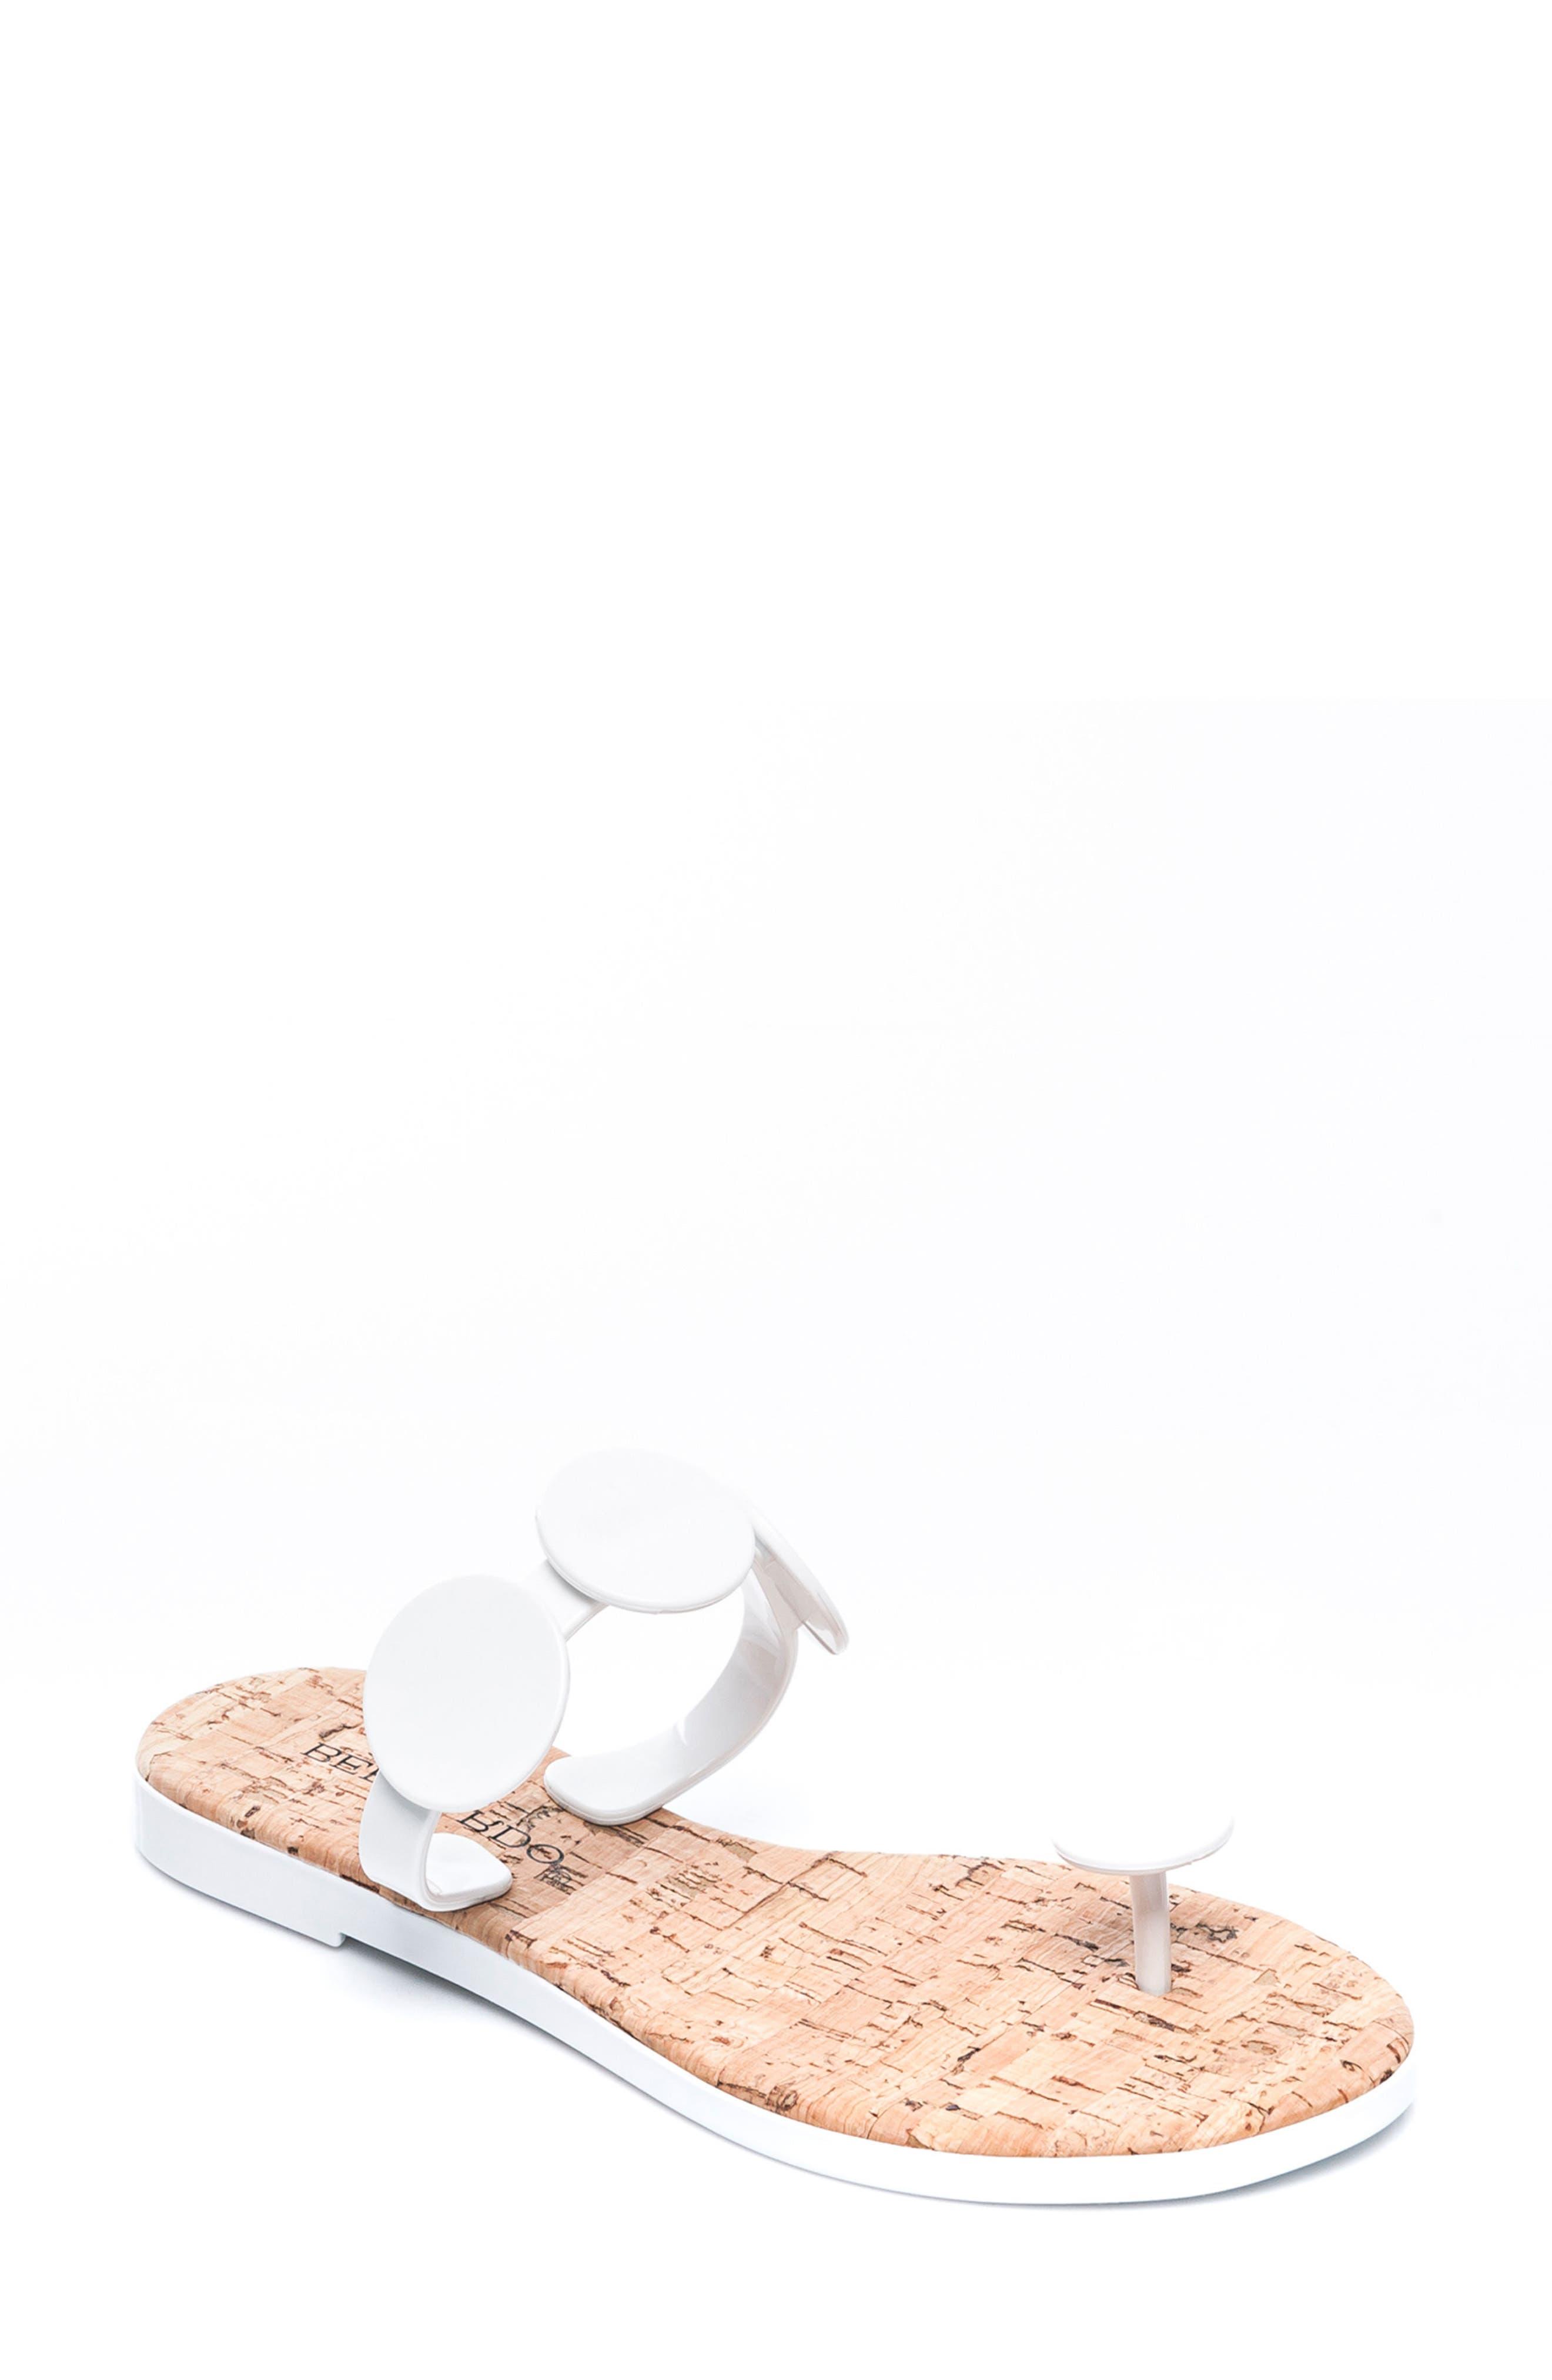 Bernardo Footwear New Moon Flip Flop, White